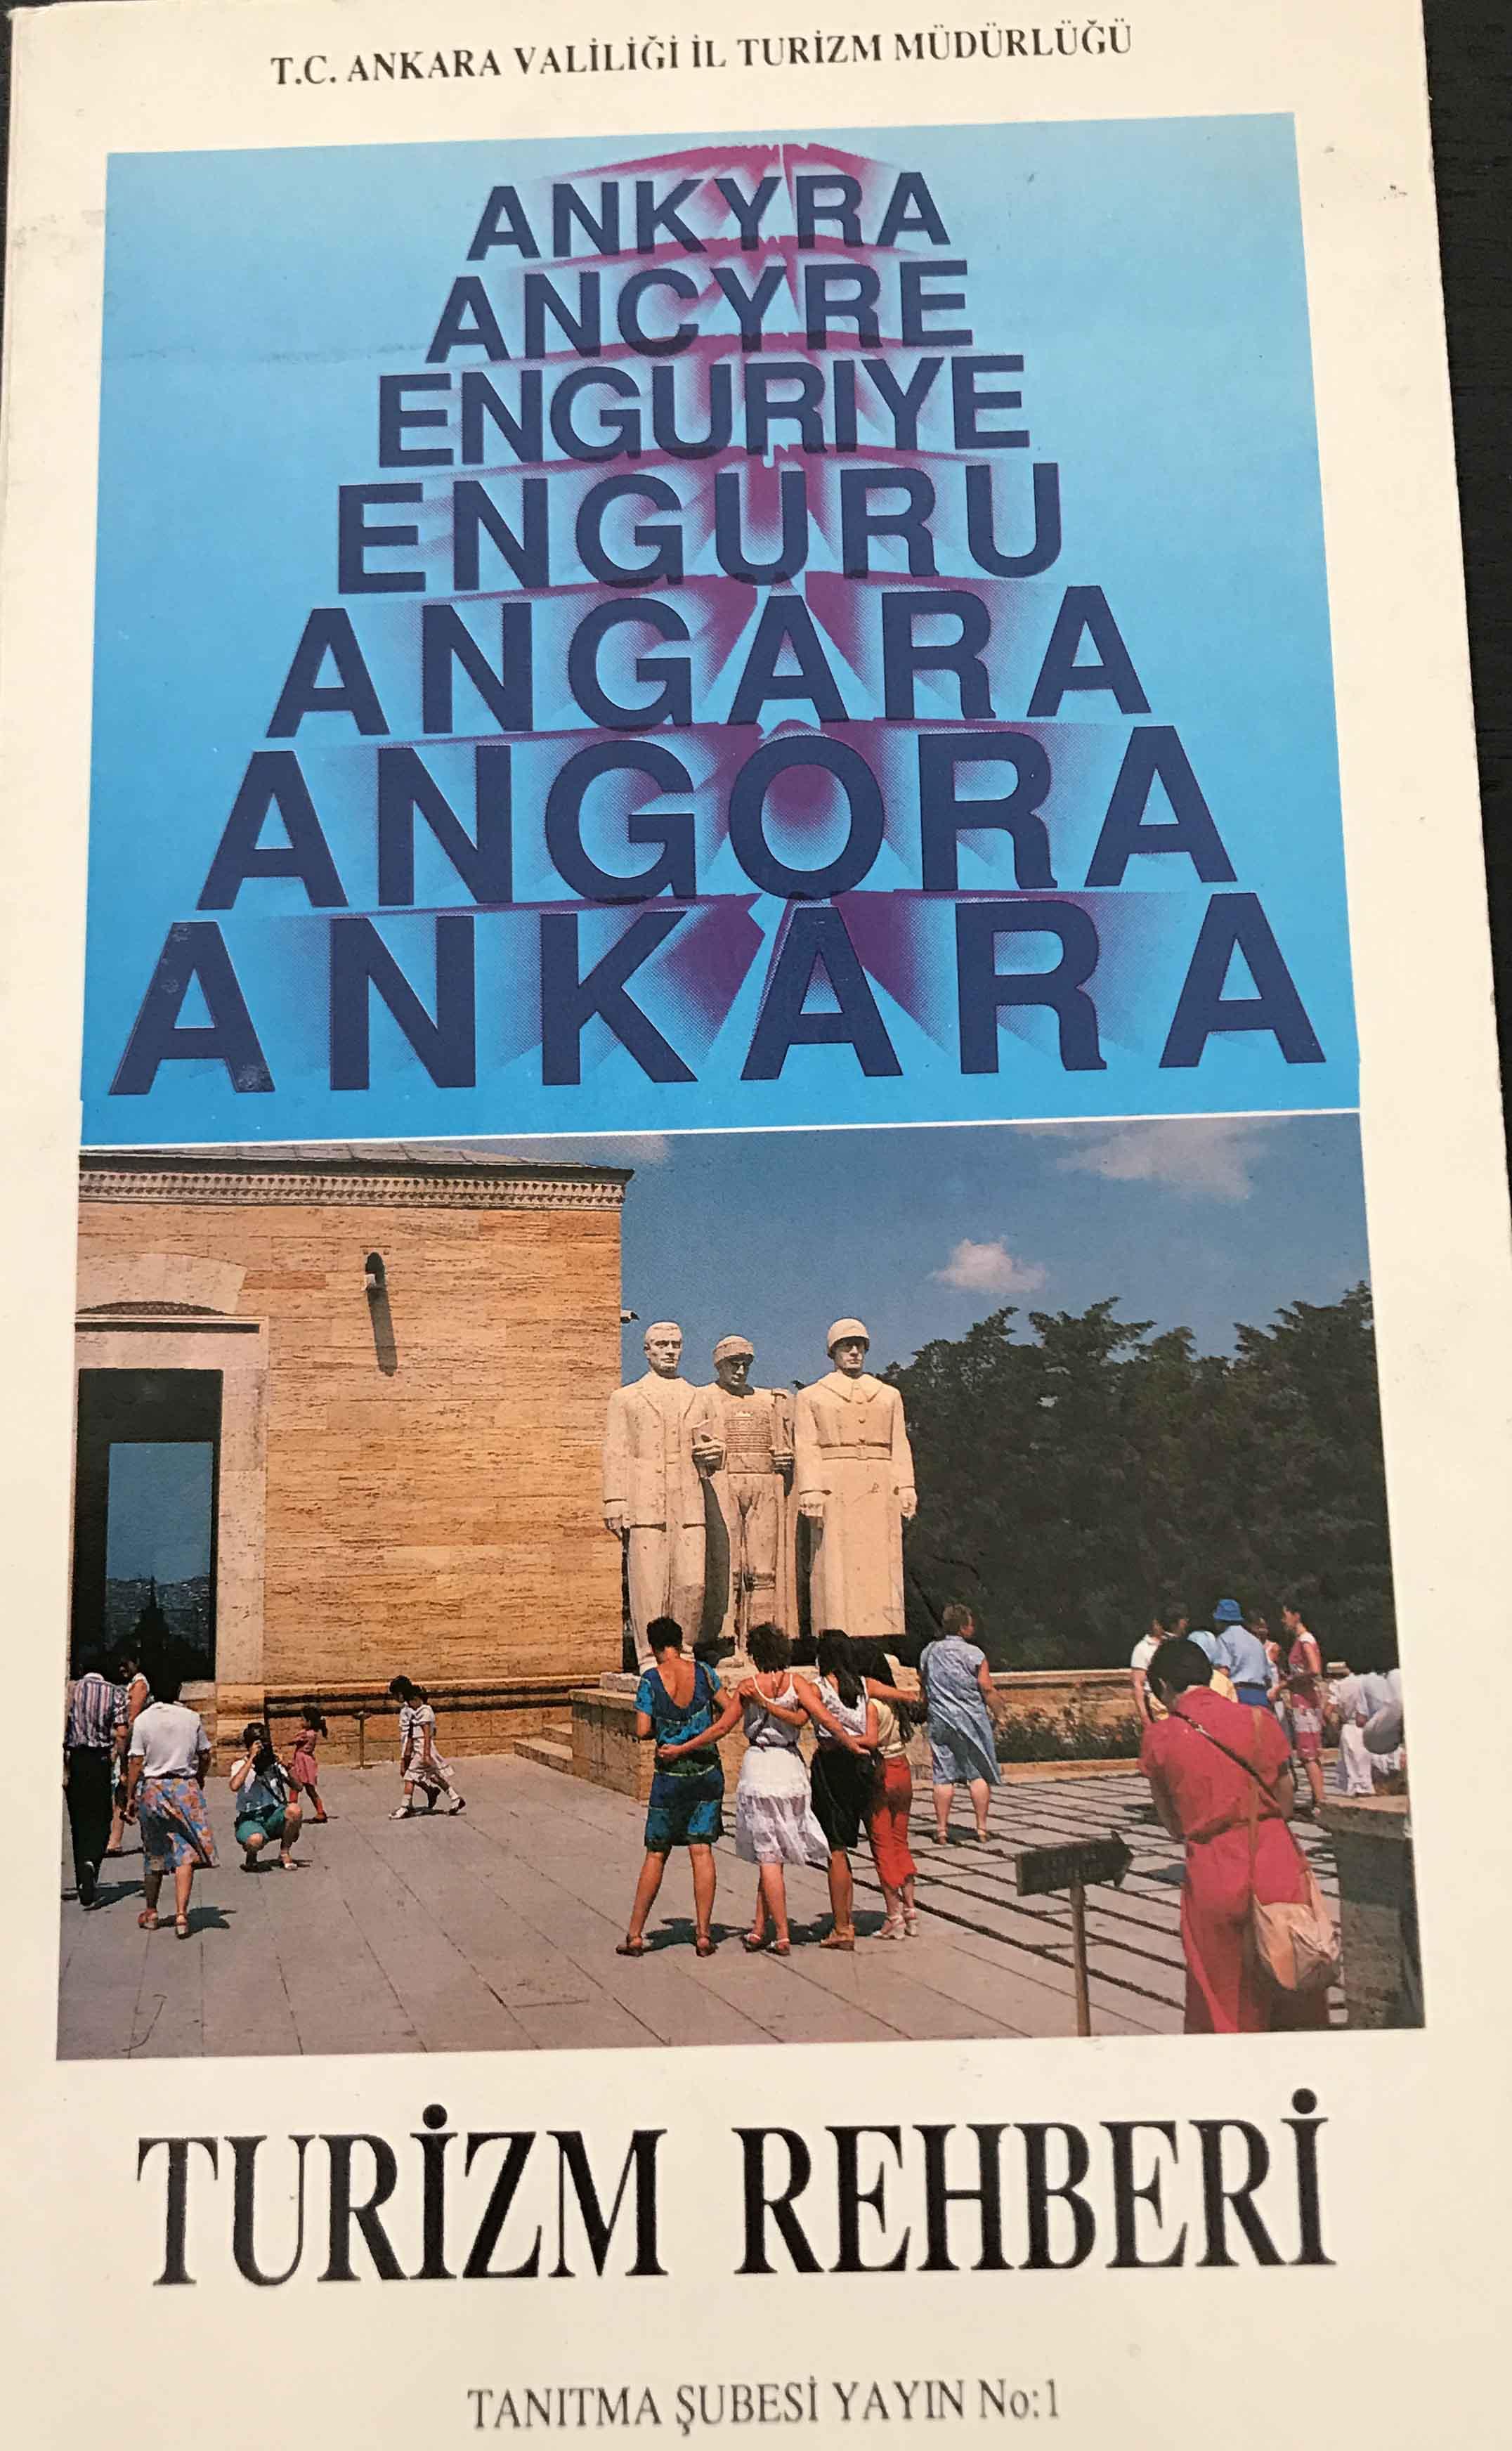 Ankara Turizm Rehberi Kitap Kapağı